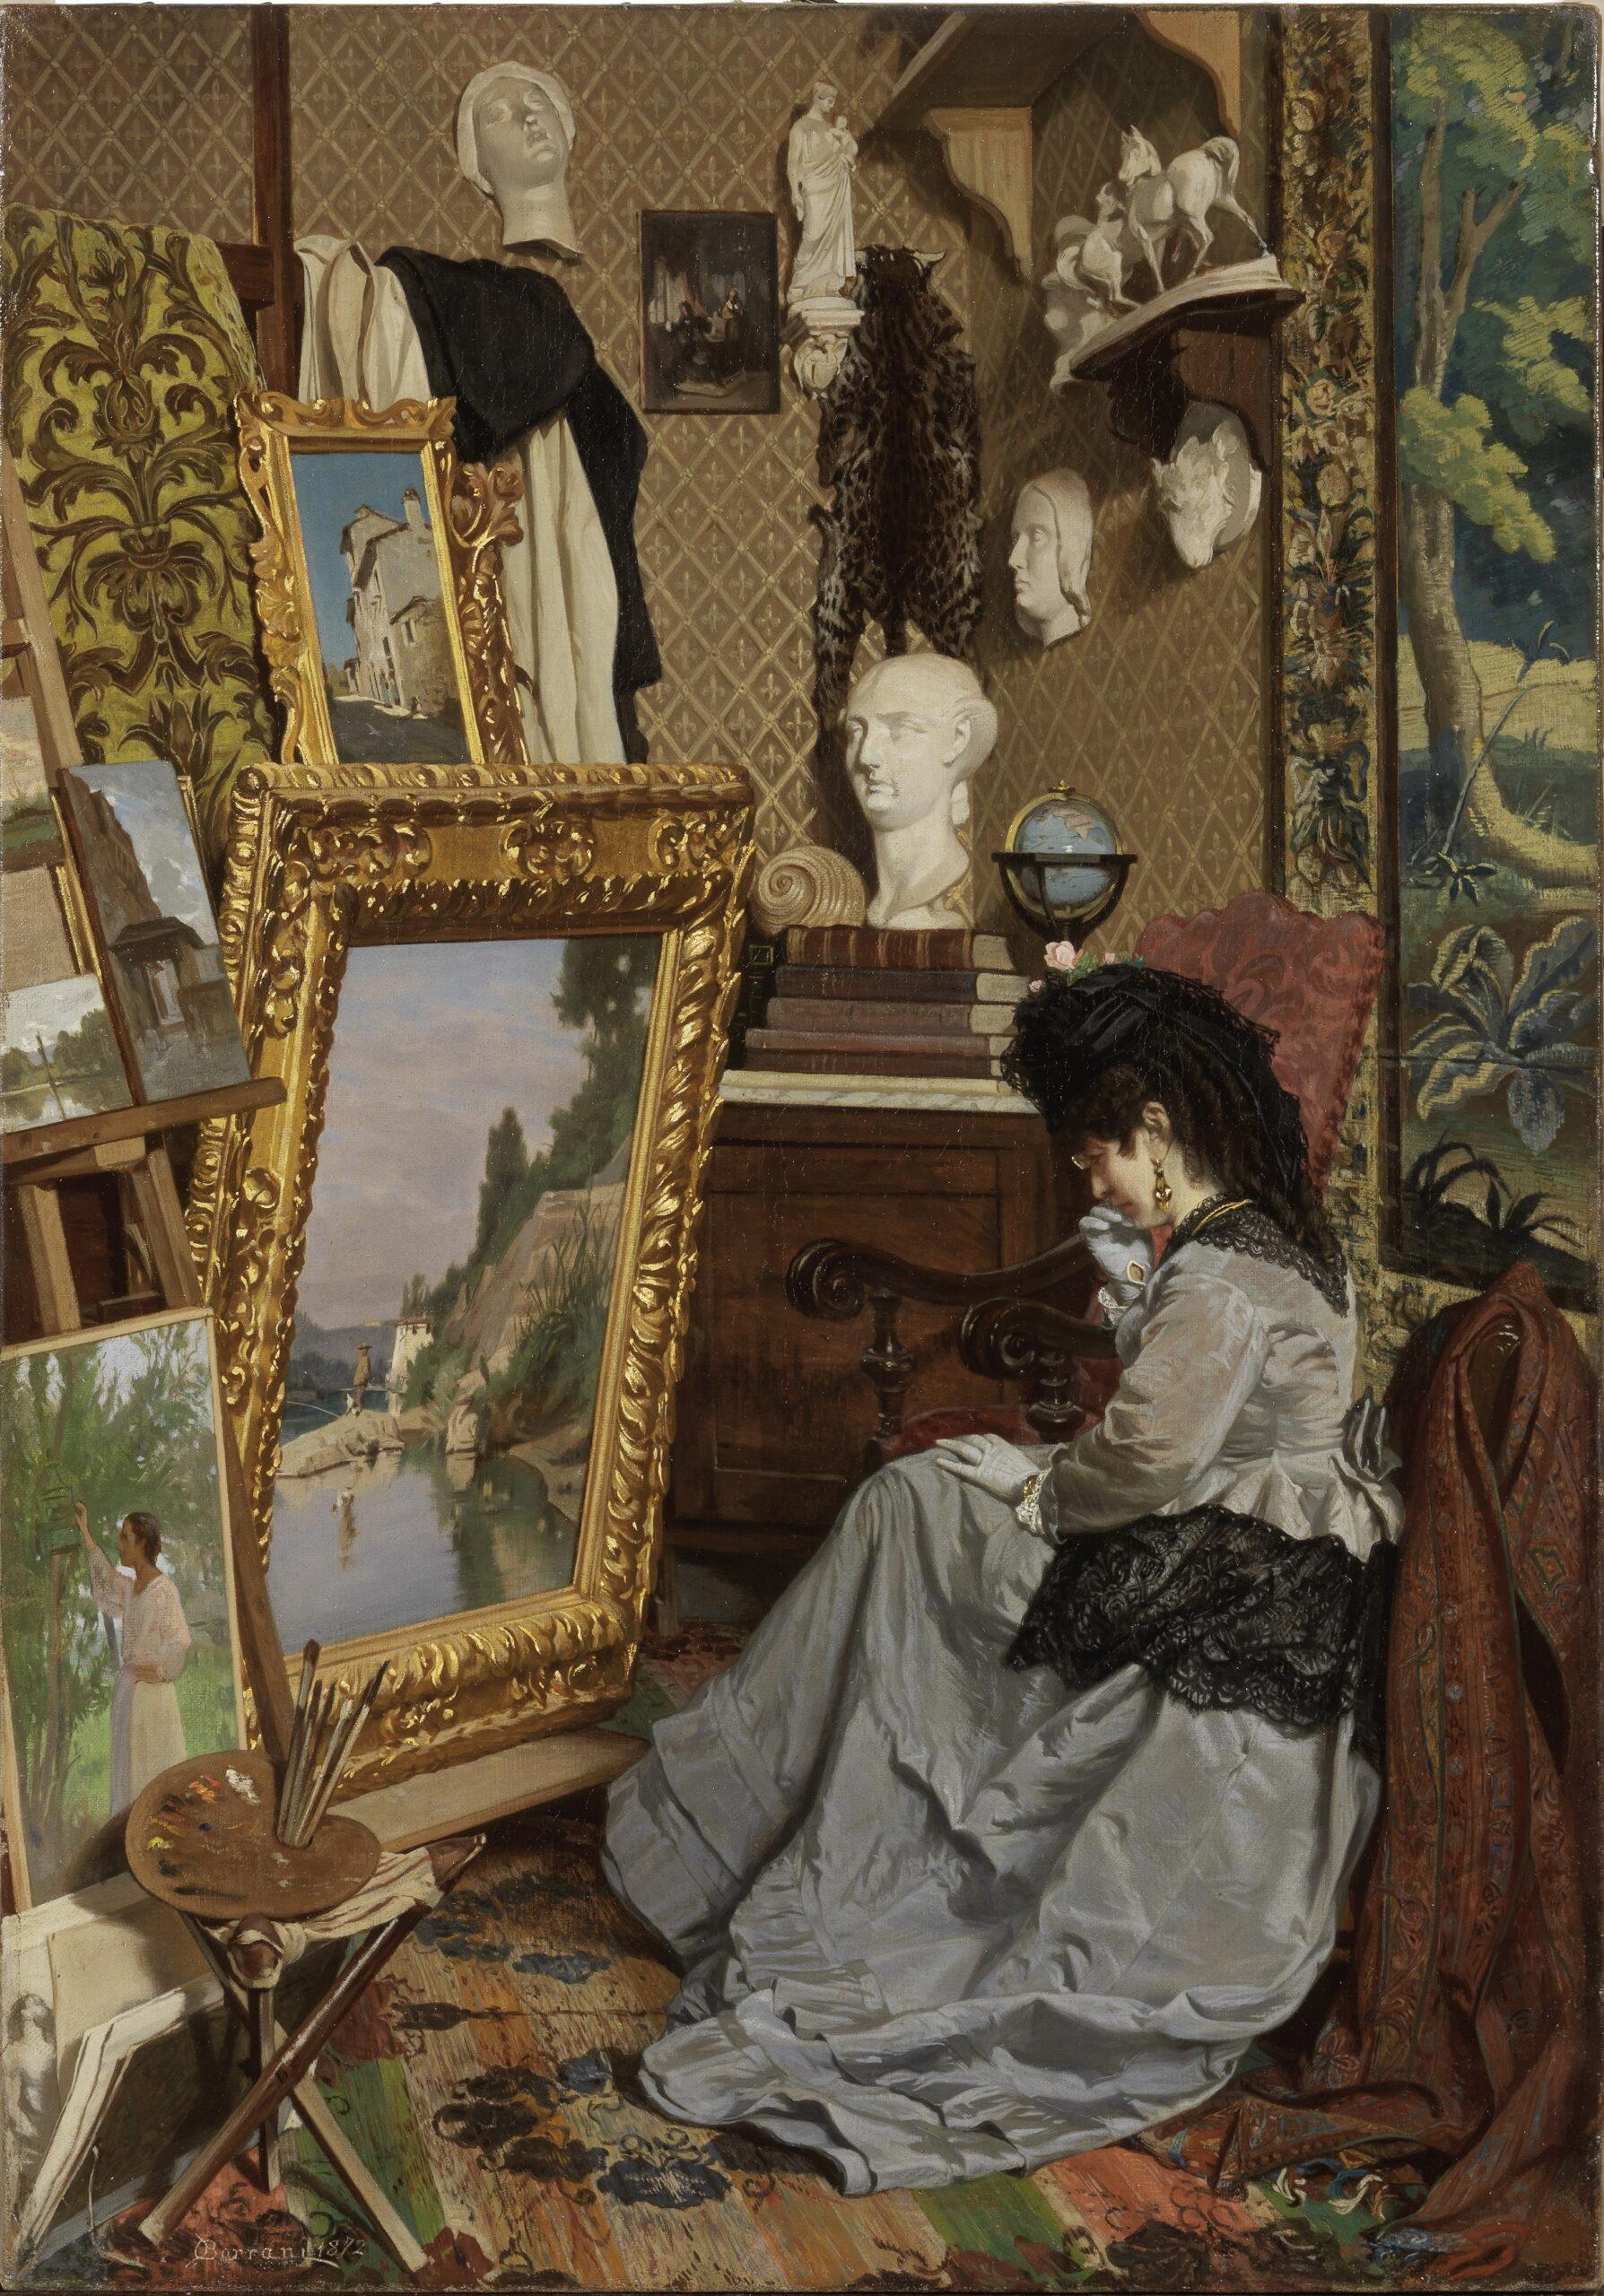 Odoardo Borrani, Una visita al mio studio, 1972 olio su tela, 64,5 x 45 cm